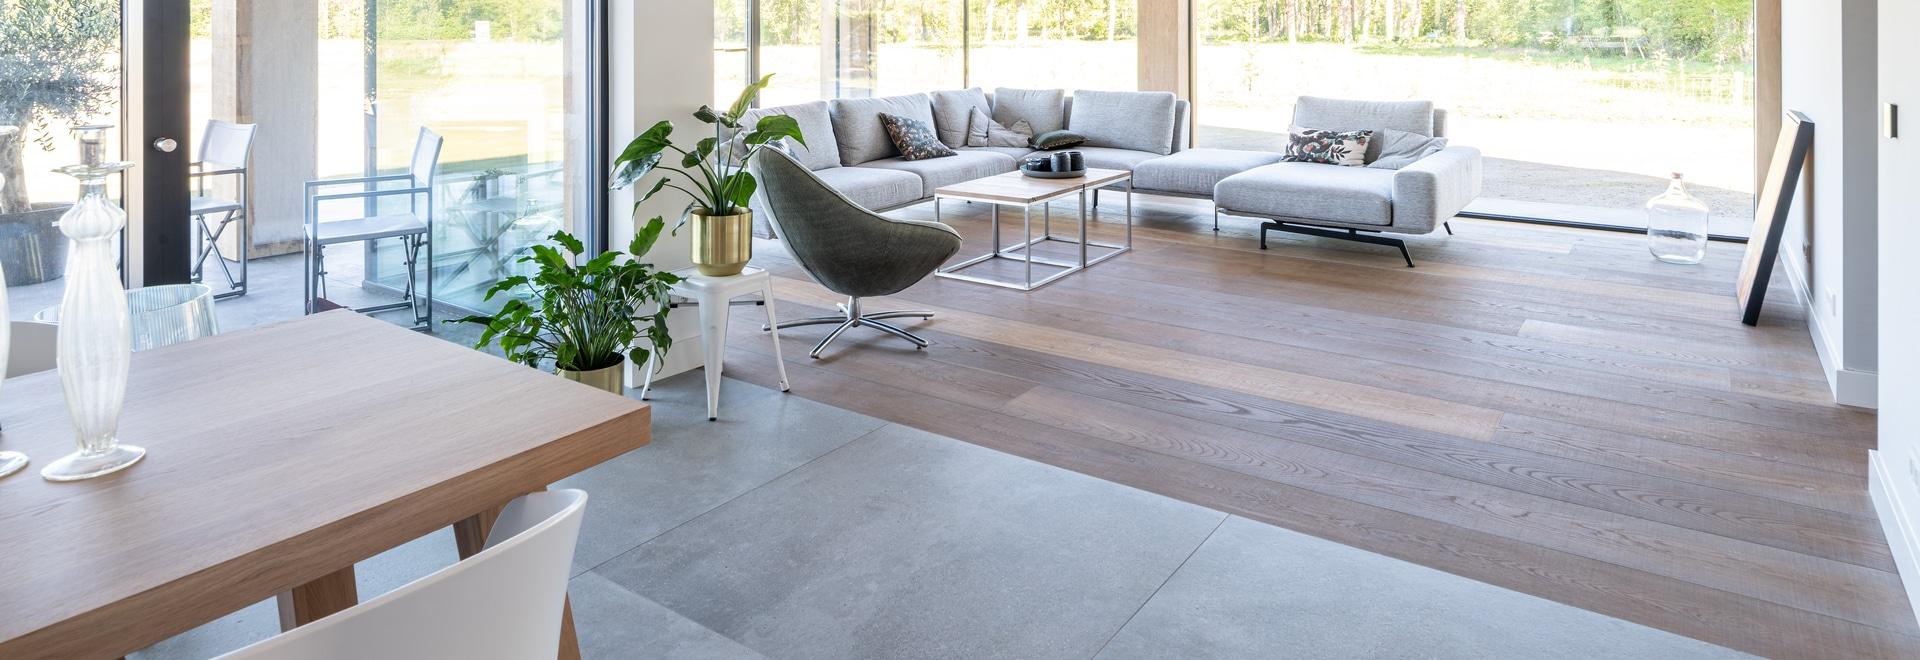 Dennebos Flooring plancher en chêne technique en couleur W.03